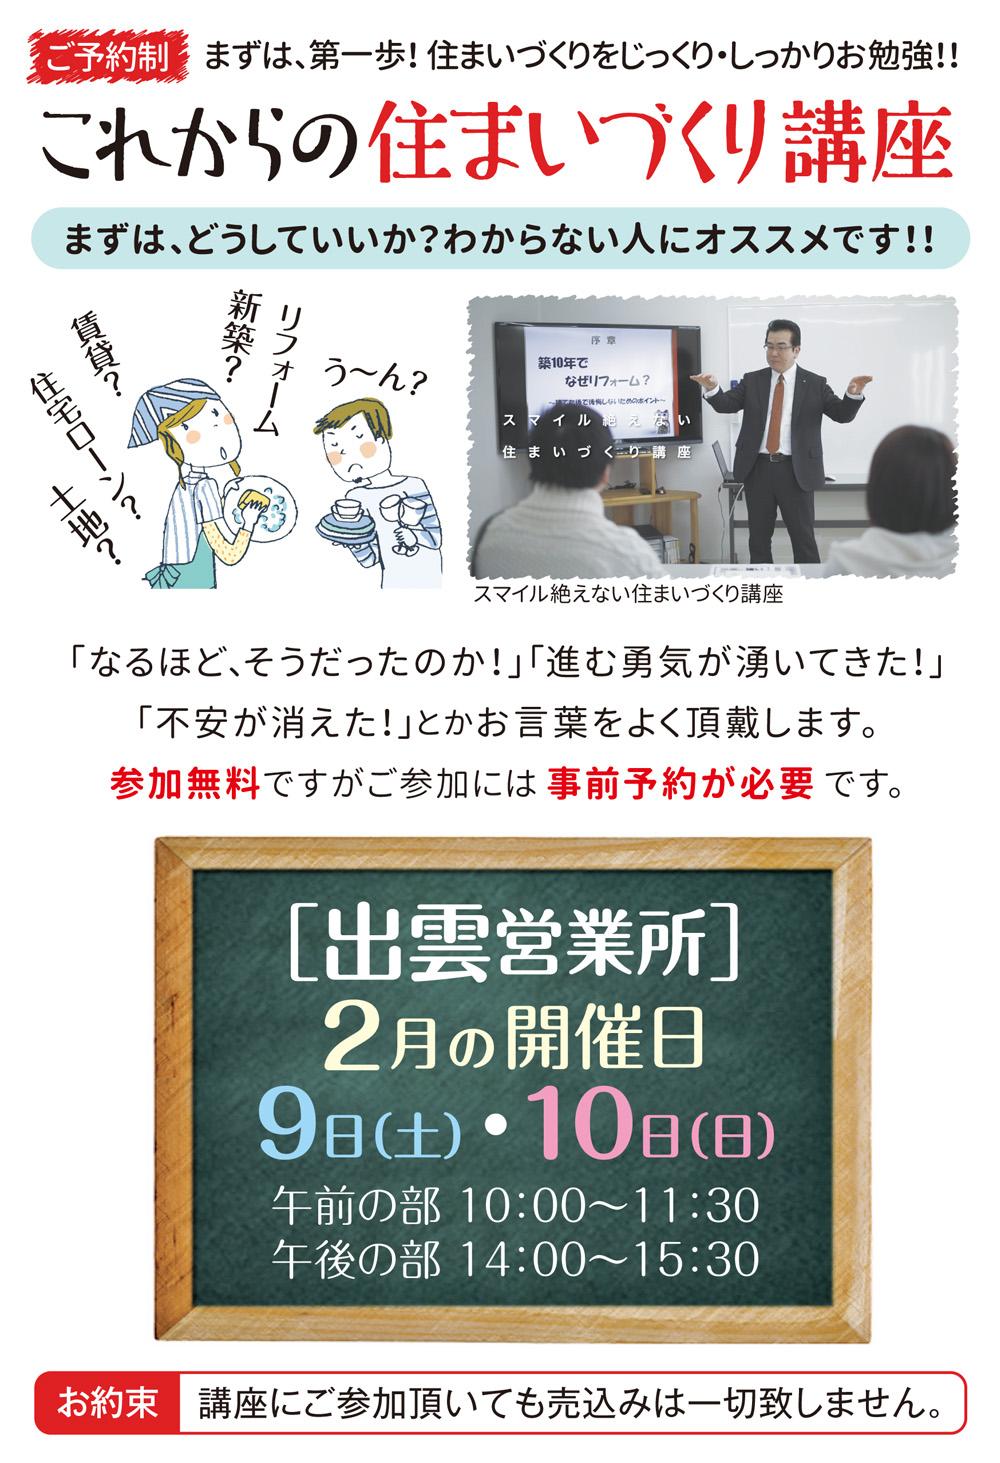 sumai20190101.jpg9